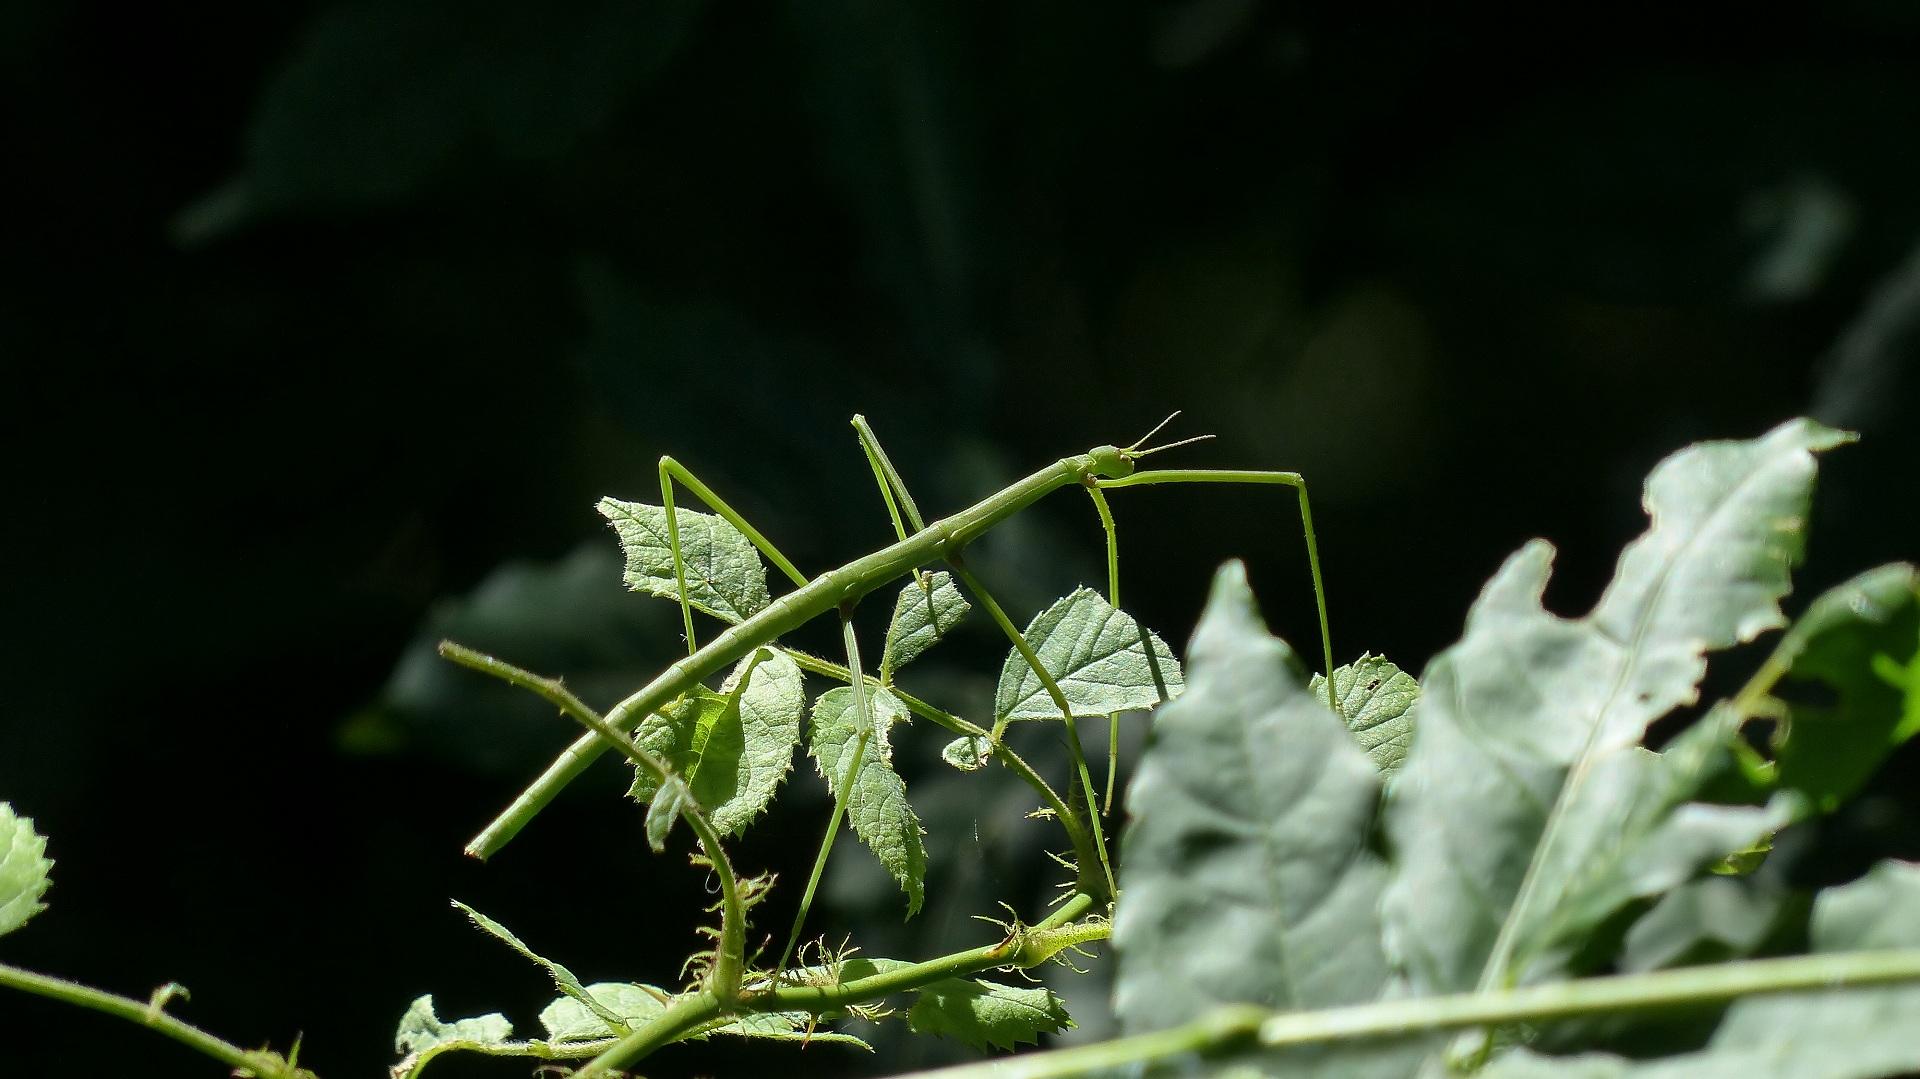 昆虫の森シリーズ ナナフシの七不思議_a0185081_1265298.jpg